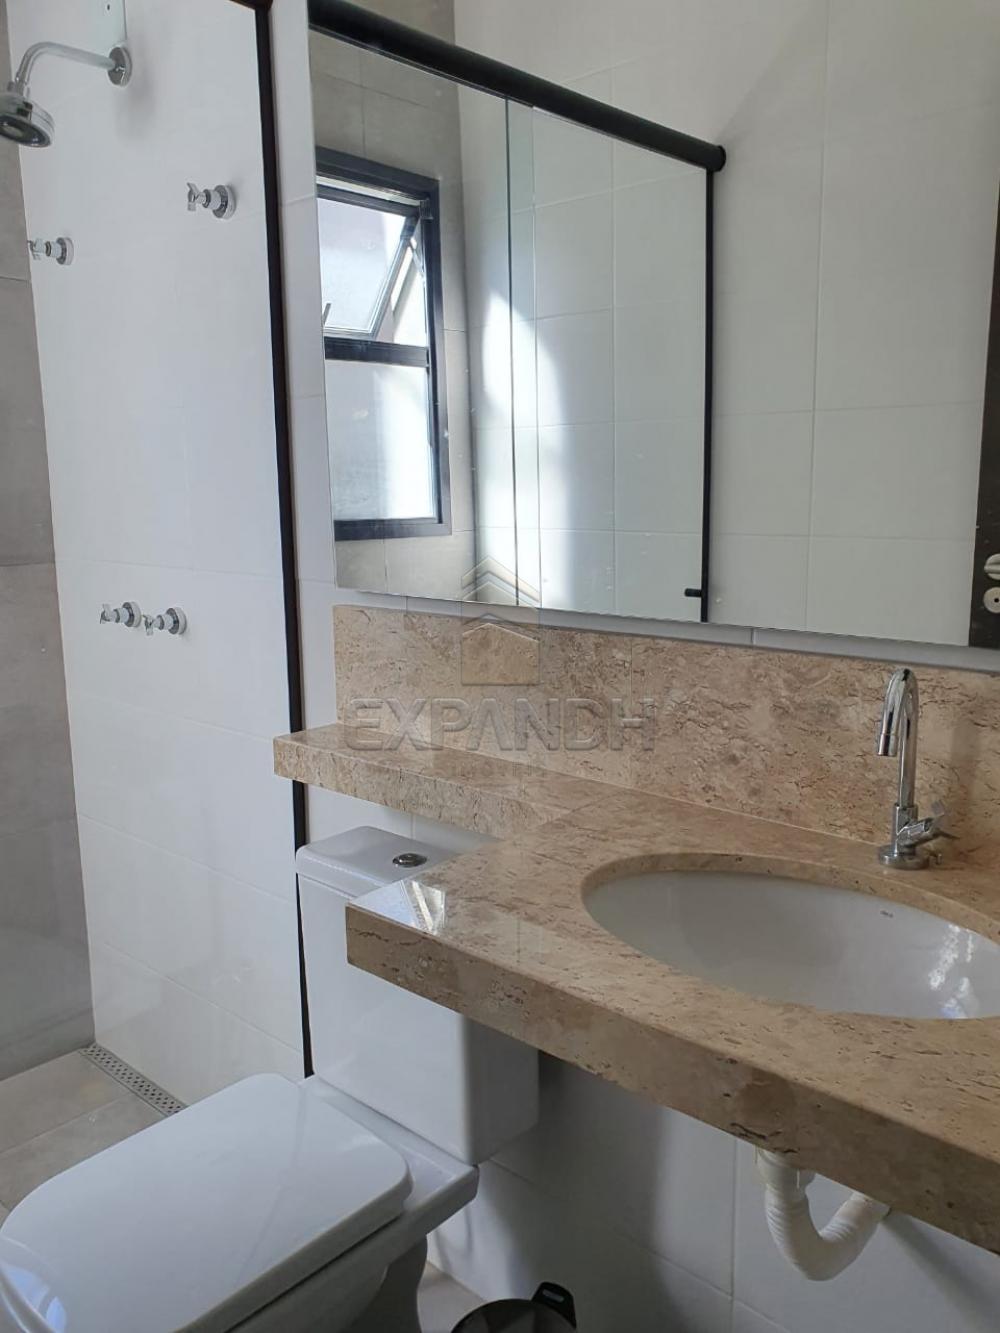 Comprar Casas / Condomínio em Sertãozinho R$ 386.392,00 - Foto 12